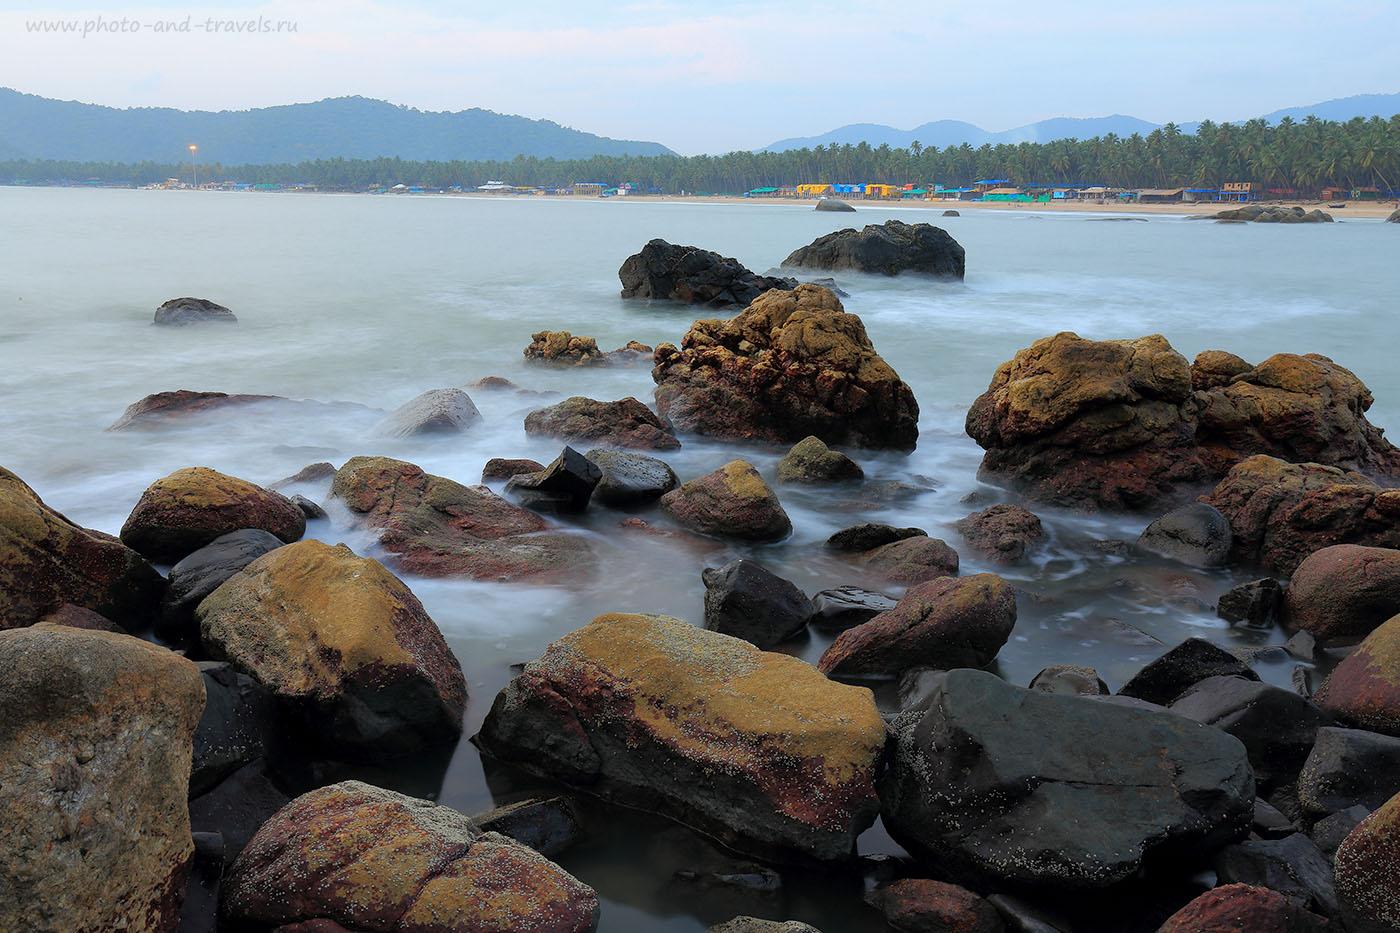 Фото 13. Замороженное море в Гоа. Отдых в Палолеме в октябре. Отзывы туристов о путешествии по Индии (24-70, 0eV, 4 сек., f22, 30mm, ISO 100)